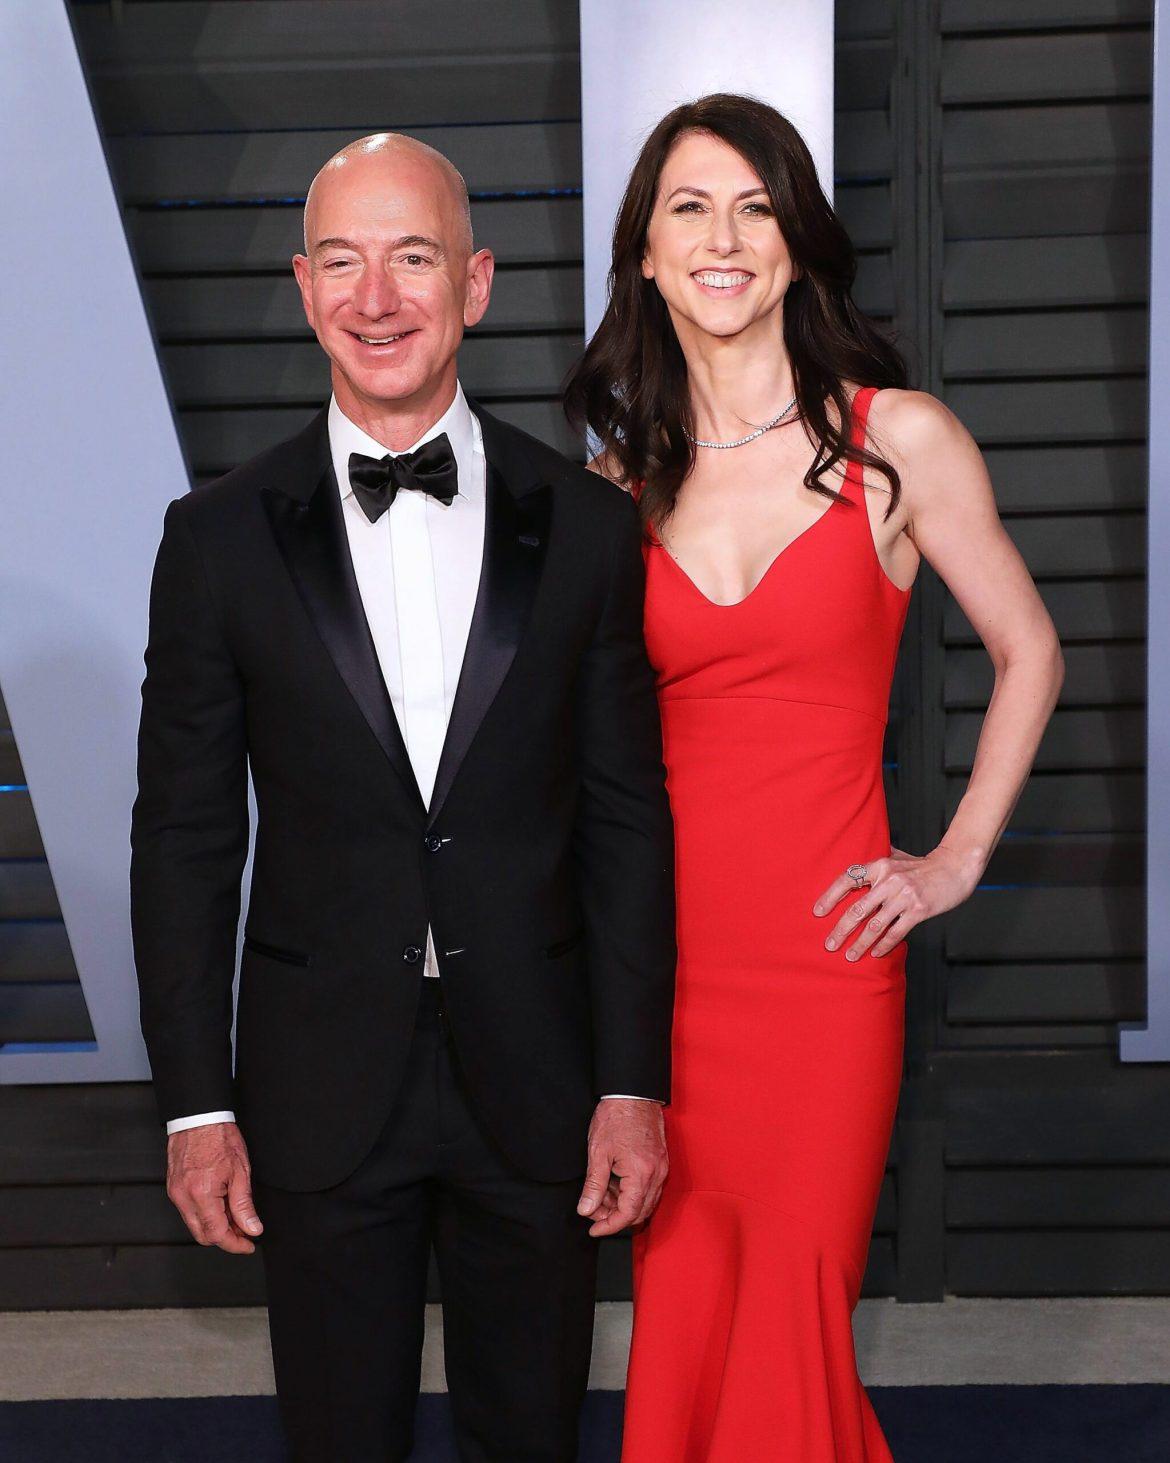 MacKenzie Bezos esposa de Jeff - Esposa dos bilionários.